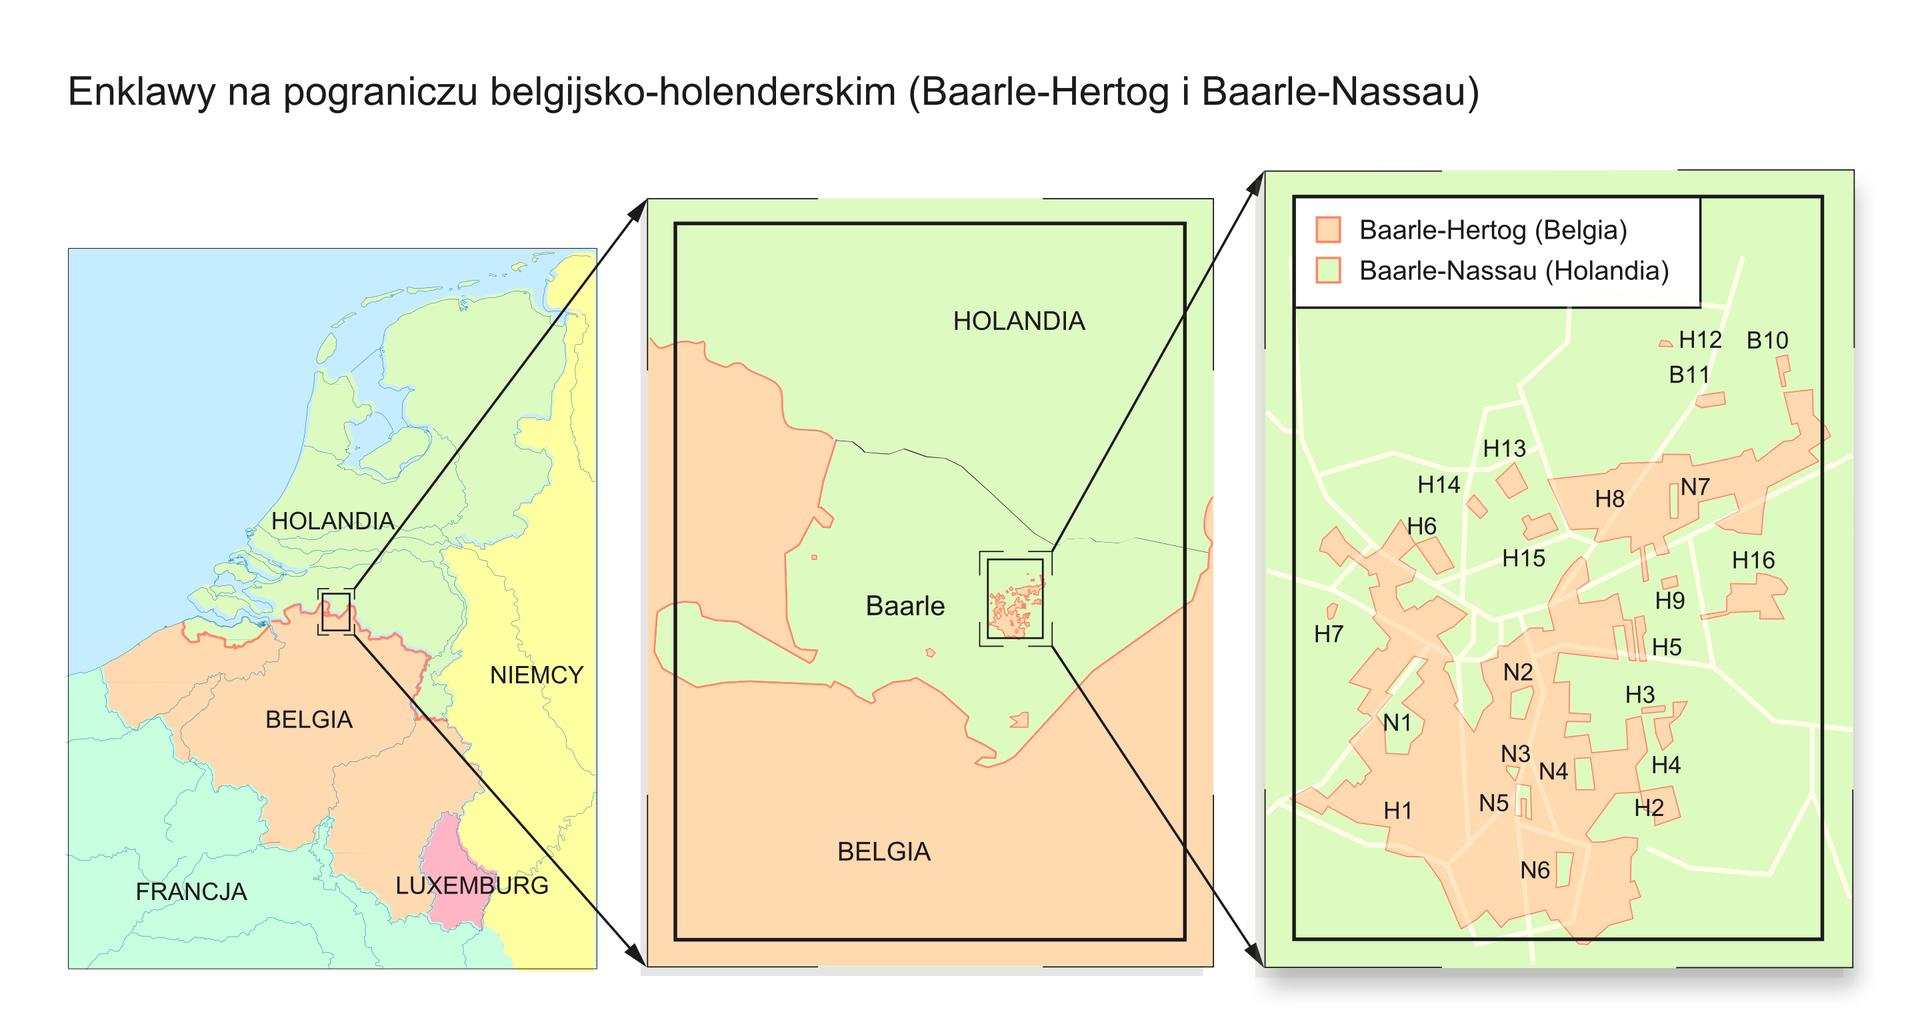 Ilustracja przedstawia trzy mapy wformie pionowych prostokątów wpoziomym rzędzie. Pierwsza na mapa, lewa strona ilustracji. Fragment Europy zachodniej. Wcentrum mapy Belgia, kolor blado różowy. Powyżej Holandia, kolor zielony. Na wschód Niemcy, kolor żółty. Na granicy belgijsko-holenderskiej, mały prostokąt. Zprawego górnego idolnego rogu wychodzą strzałki. Groty strzałek skierowane na lewy górny idolny róg mapy po prawej stronie. Mapa wdrugim prostokącie, na prawo, to powiększony obszar zmapy pierwszej. Obszar powiększony to enklawa Baarle. Wśrodku enklawy zaznaczony mały prostokąt. Od górnego idolnego rogu wychodzą strzałki. Groty strzałek skierowane na lewą krawędź trzeciego prostokąta. To mapa enklawy wpowiększeniu. Baarle-Hertog wBelgii oraz Baarle-Nassau wHolandii. Na mapie tereny należące do Belgii oznaczone literą ha. Litera en to tereny Holandii.